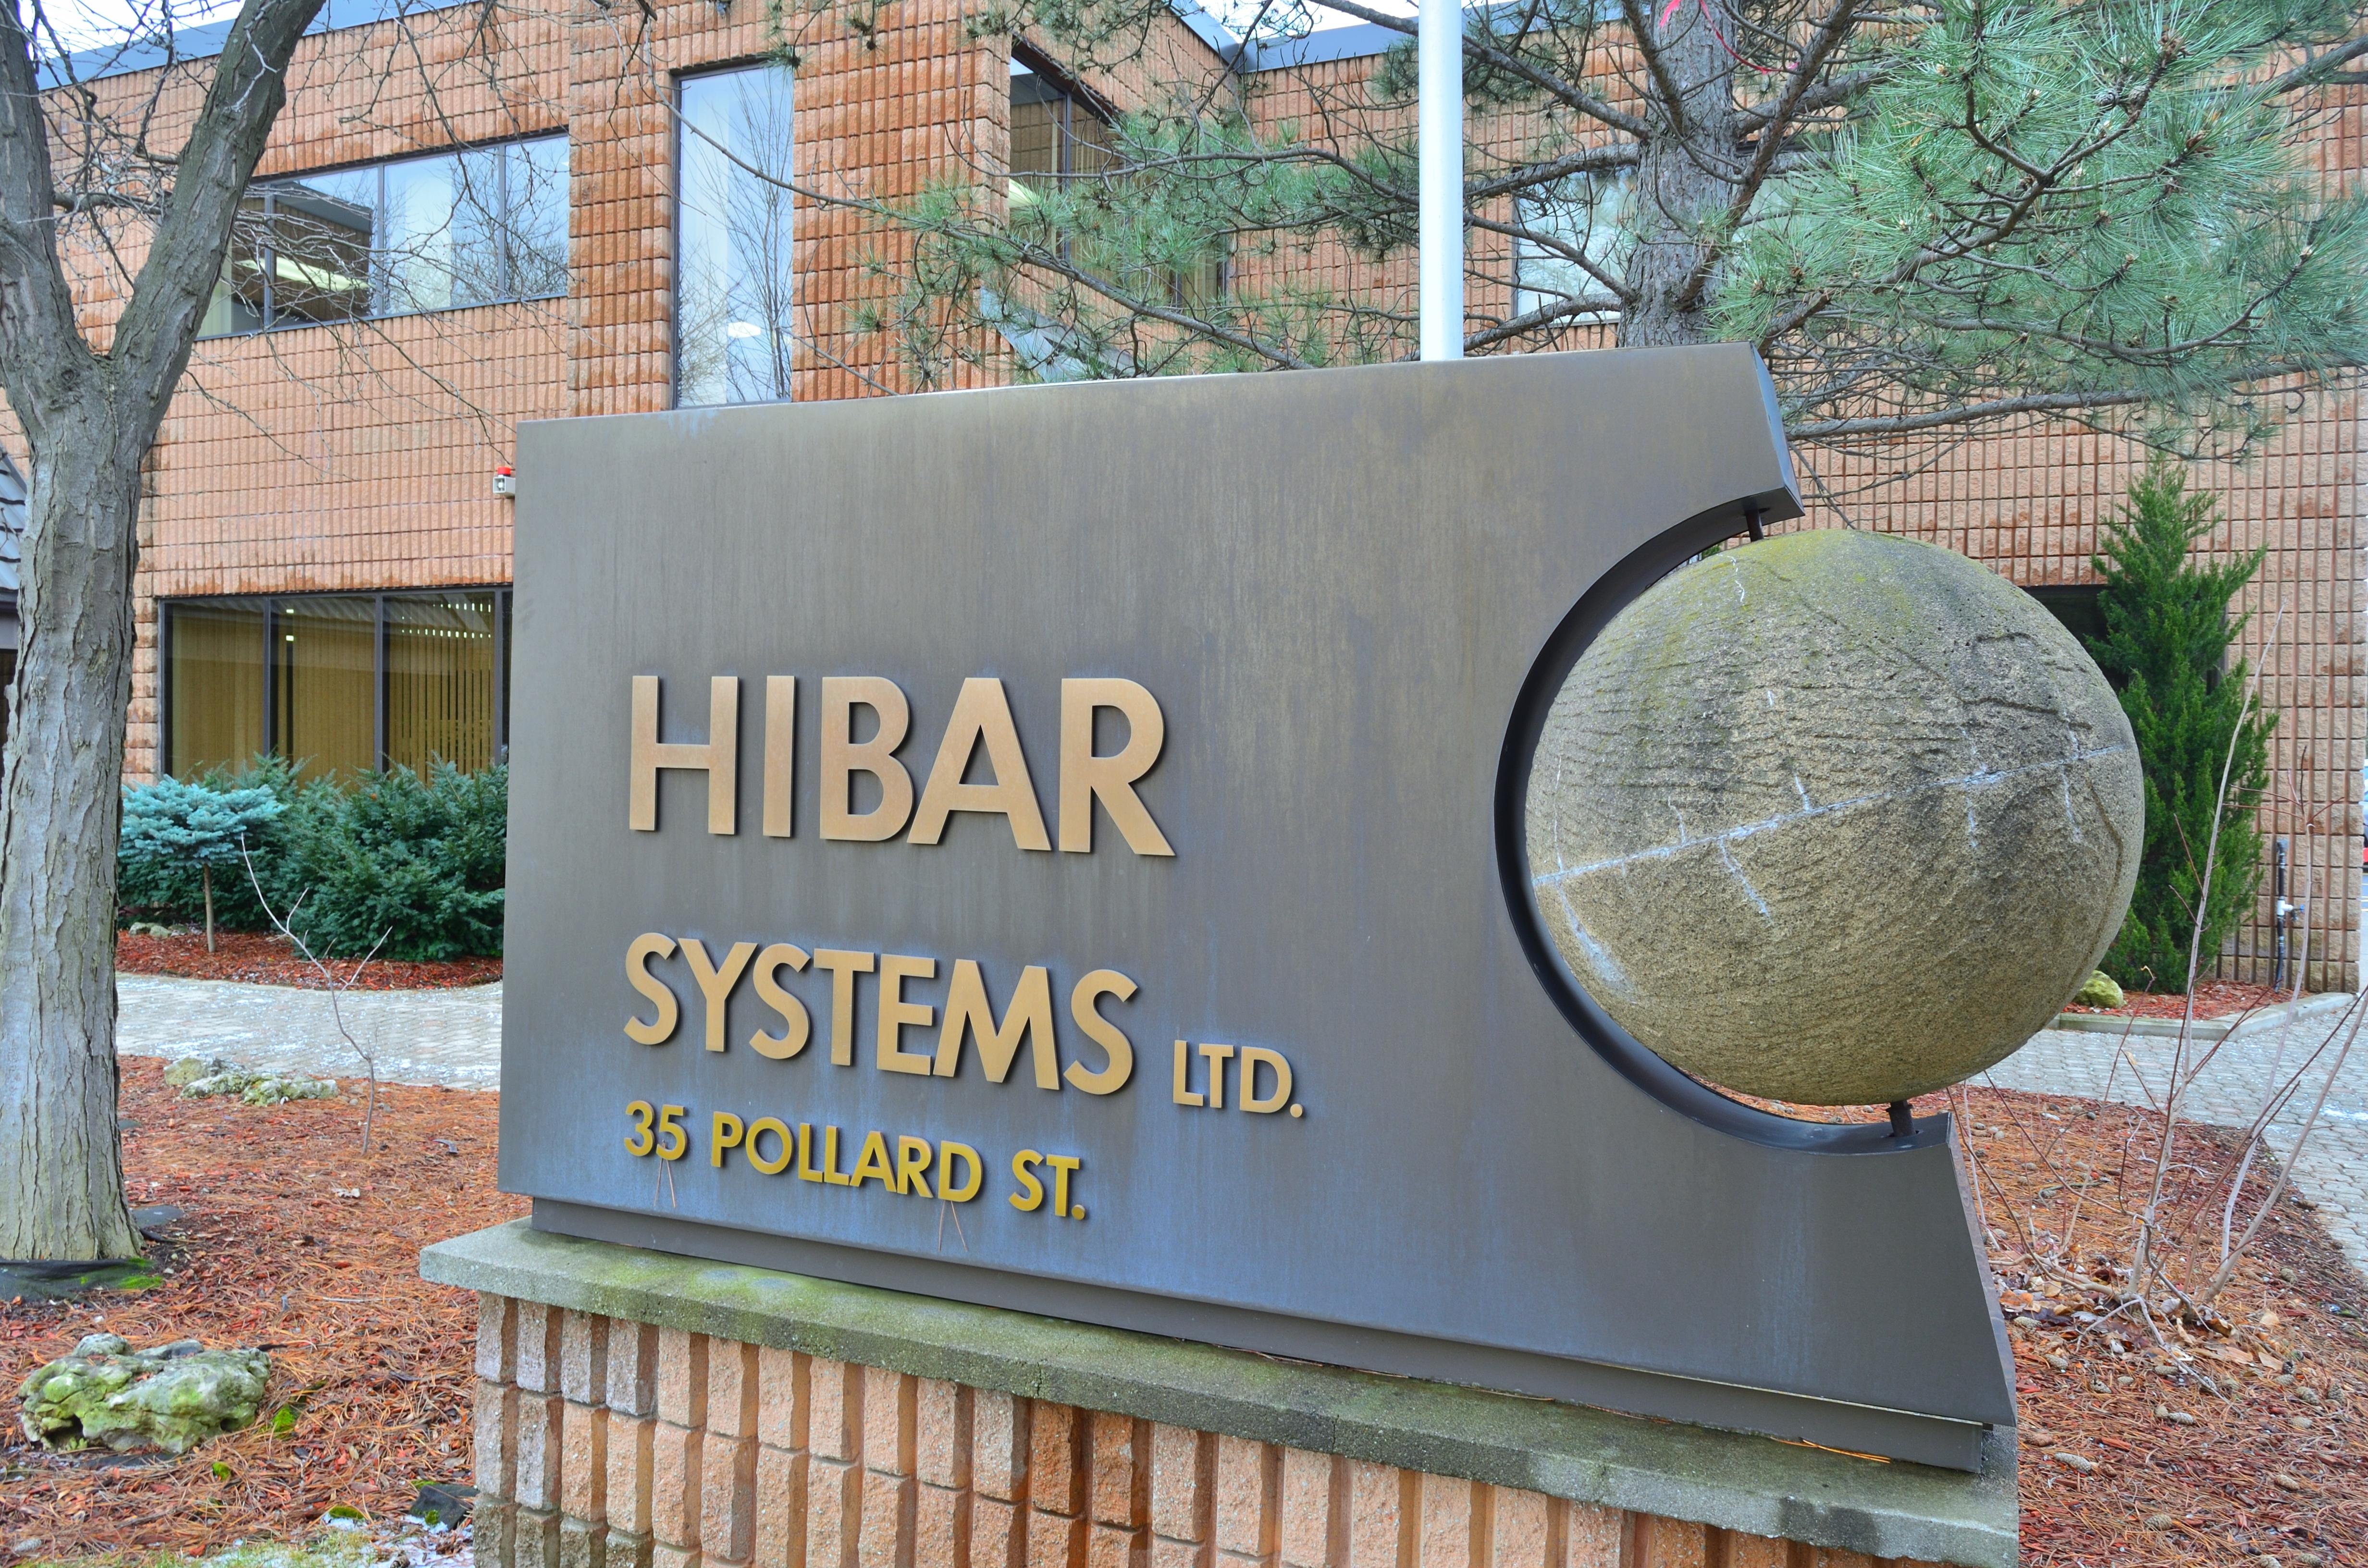 hibar systems wikipedia wikipedia